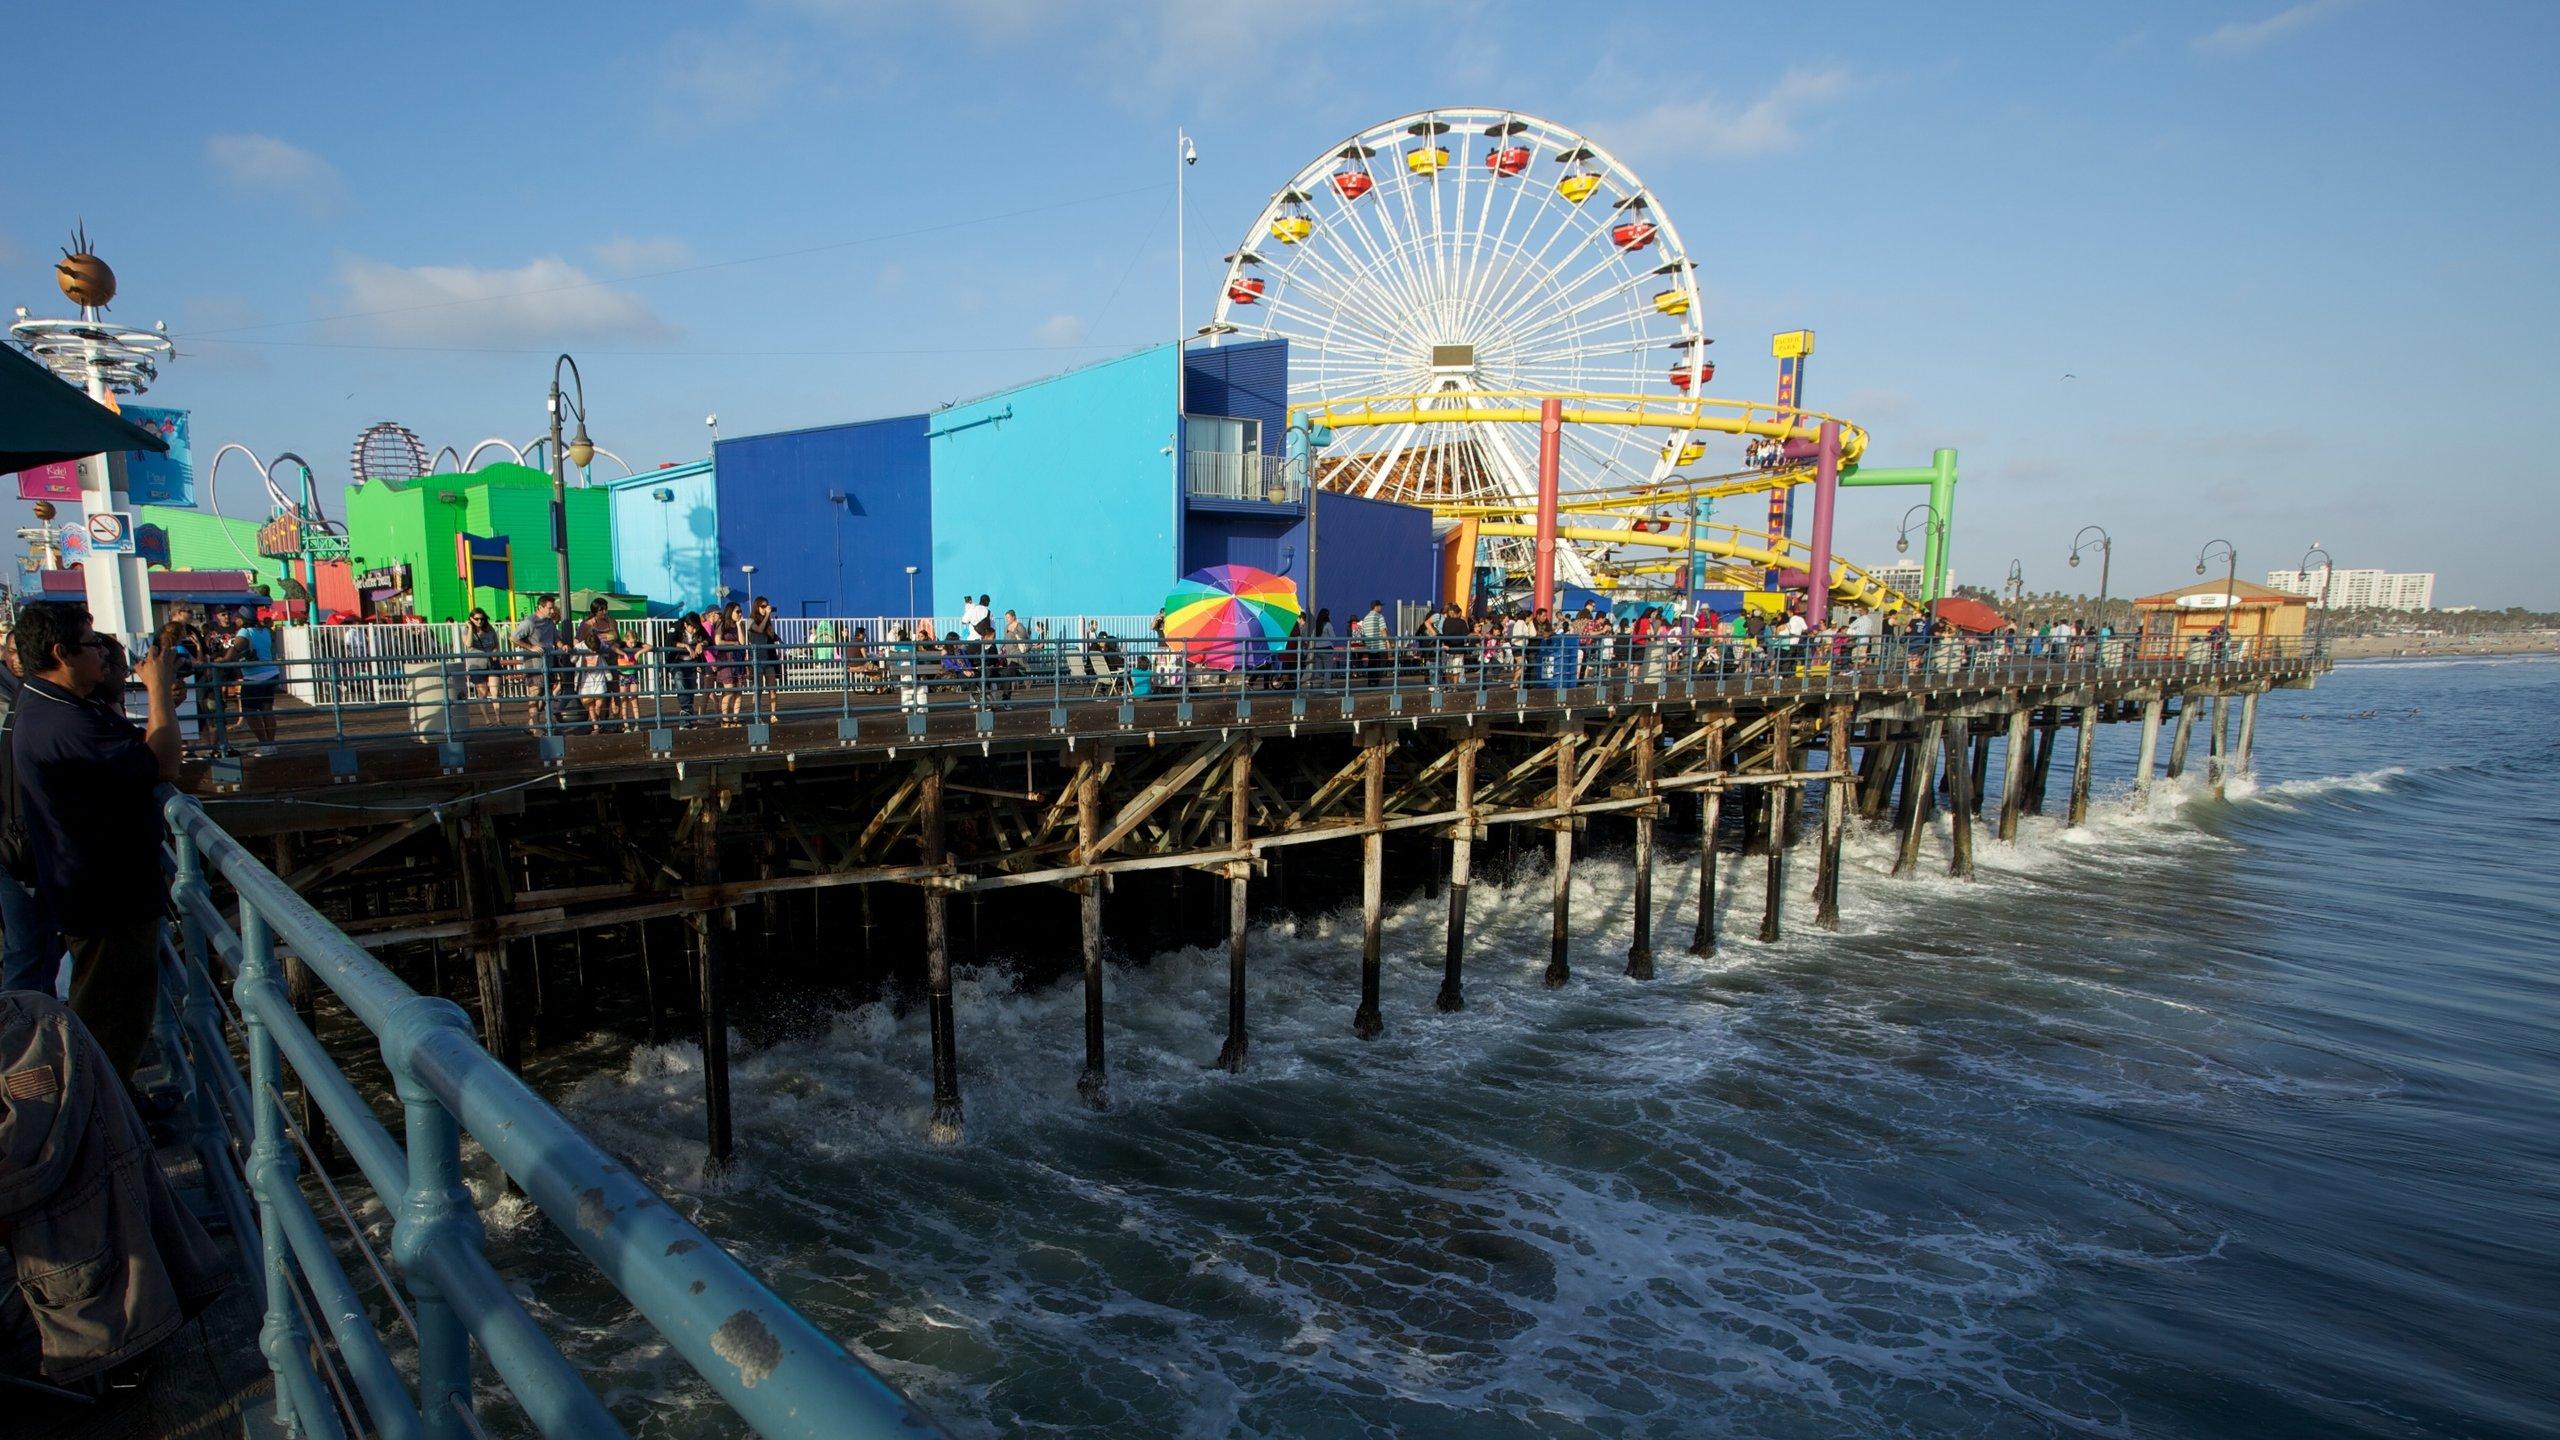 Du hittar kitsch, strandpromenadsatmosfär och karnevalsstämning på denna över hundra år gamla, soldränkta Los Angeles-attraktion.